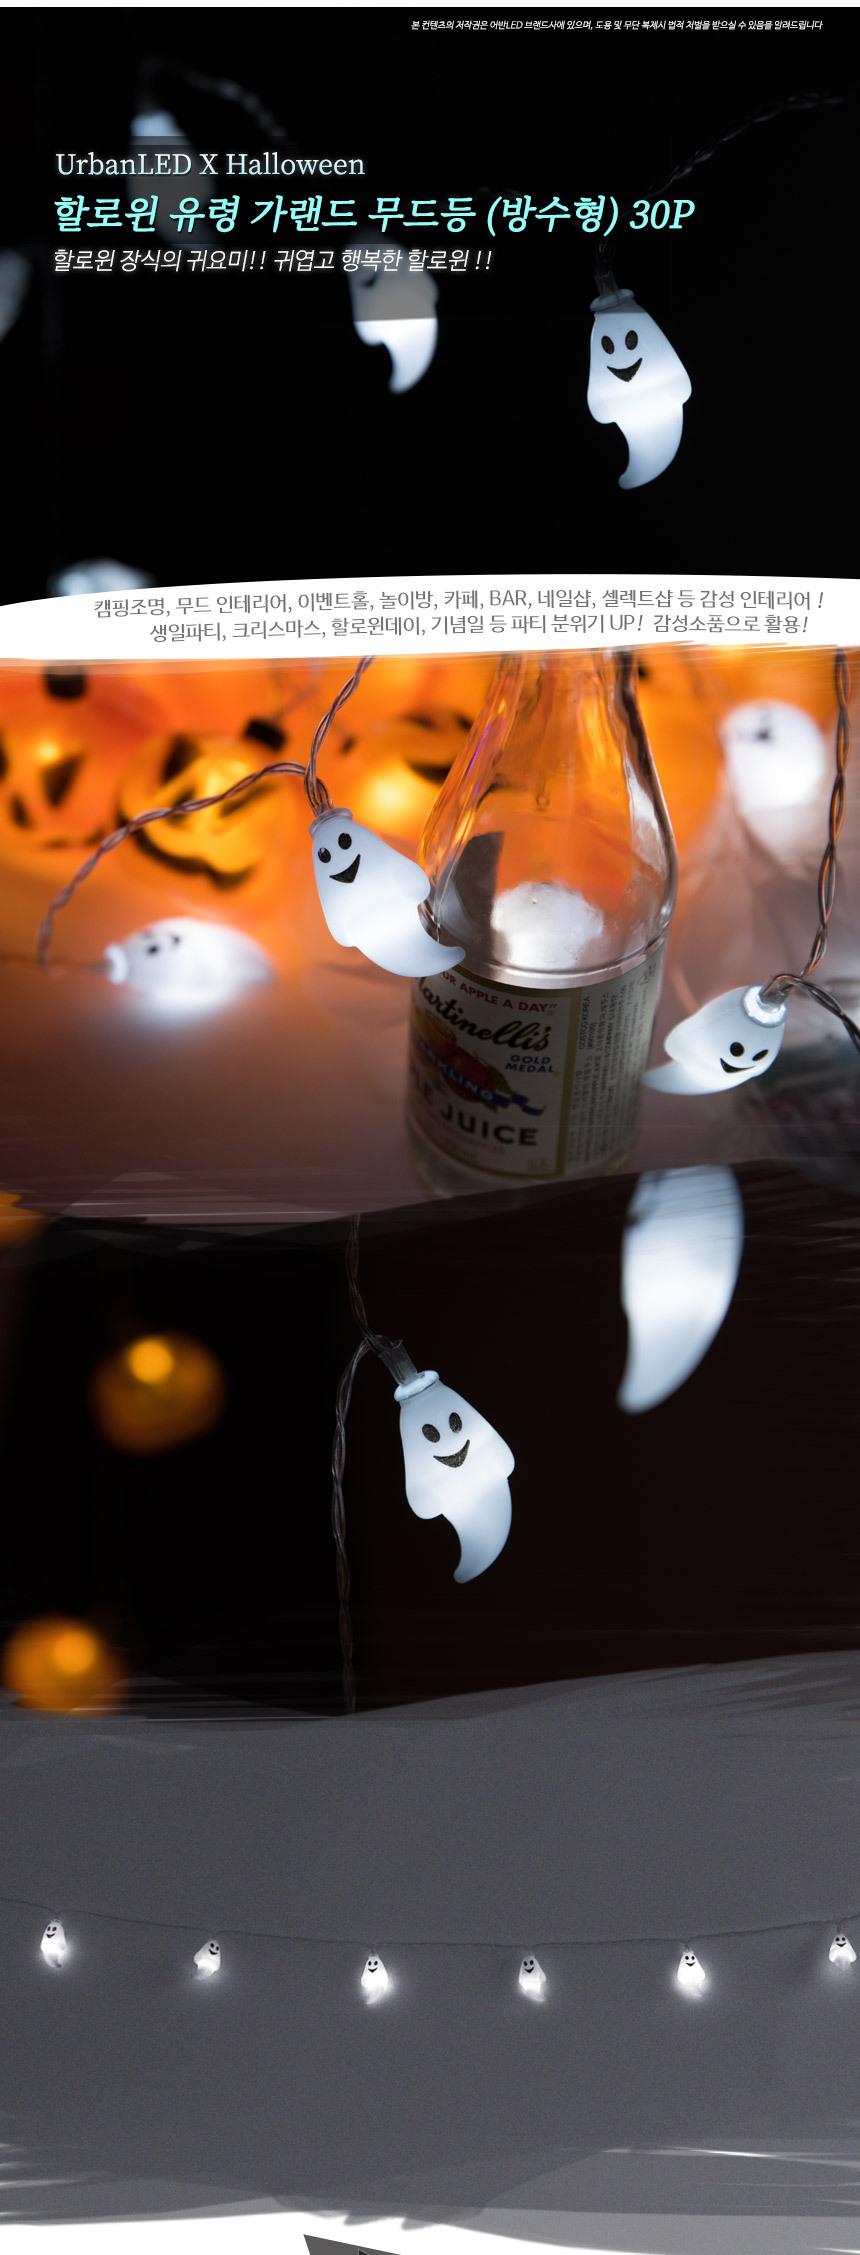 어반 LED 할로윈 장식 소품 조명 유령 가랜드 무드등 30P 방수형 - 어반LED, 15,500원, 파티용품, 할로윈 파티